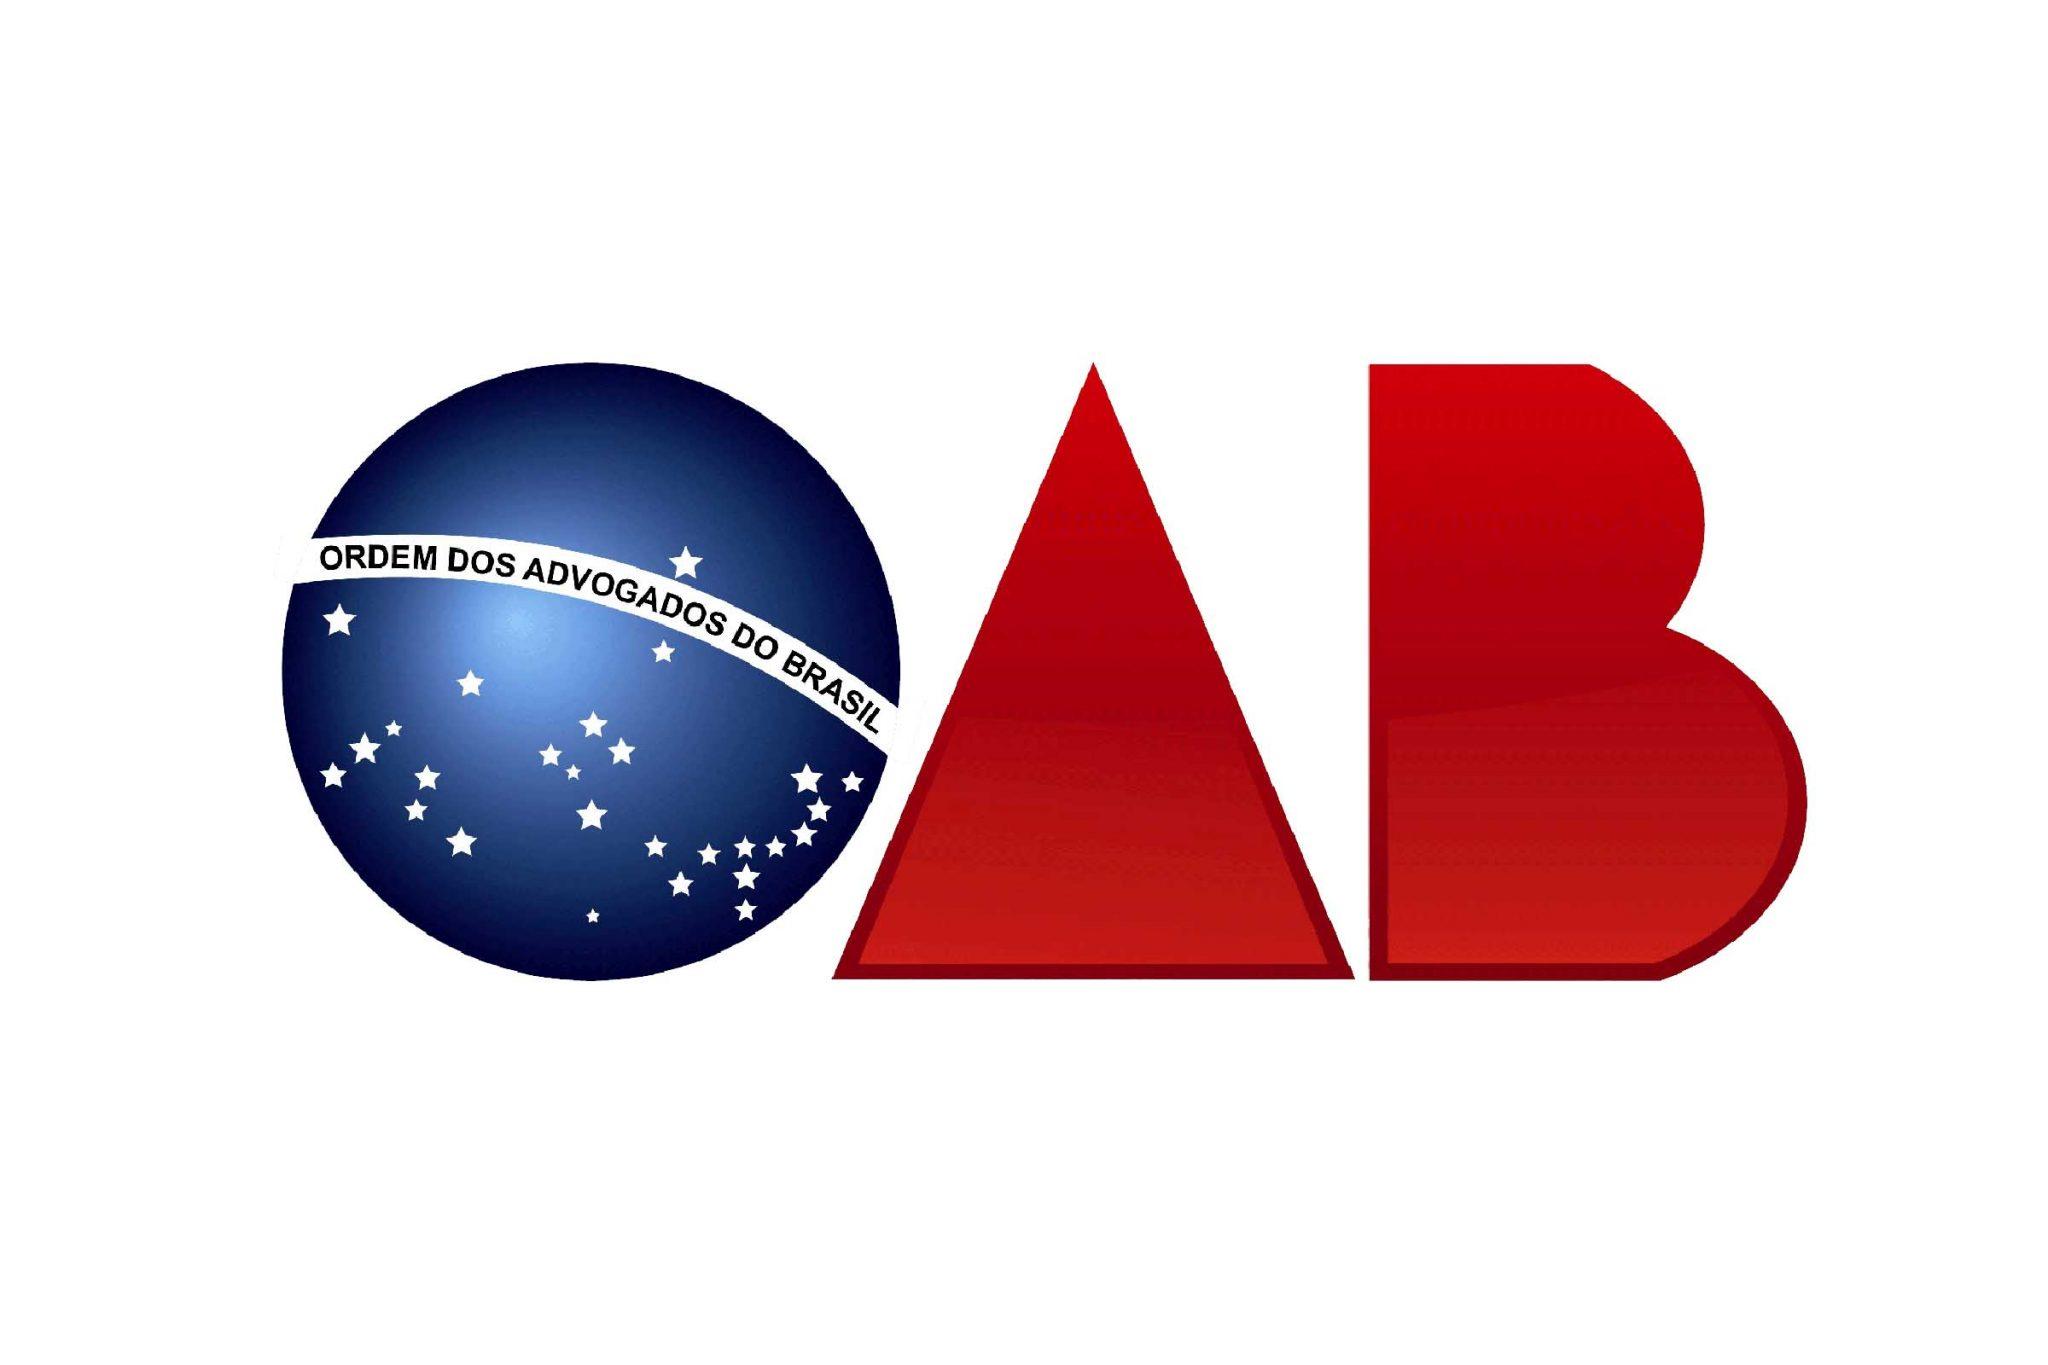 Logomarca da Ordem dos Advogados do Brasil OAB - CONSTRUINDO IMAGEM DE SUCESSO NA ADVOCACIA